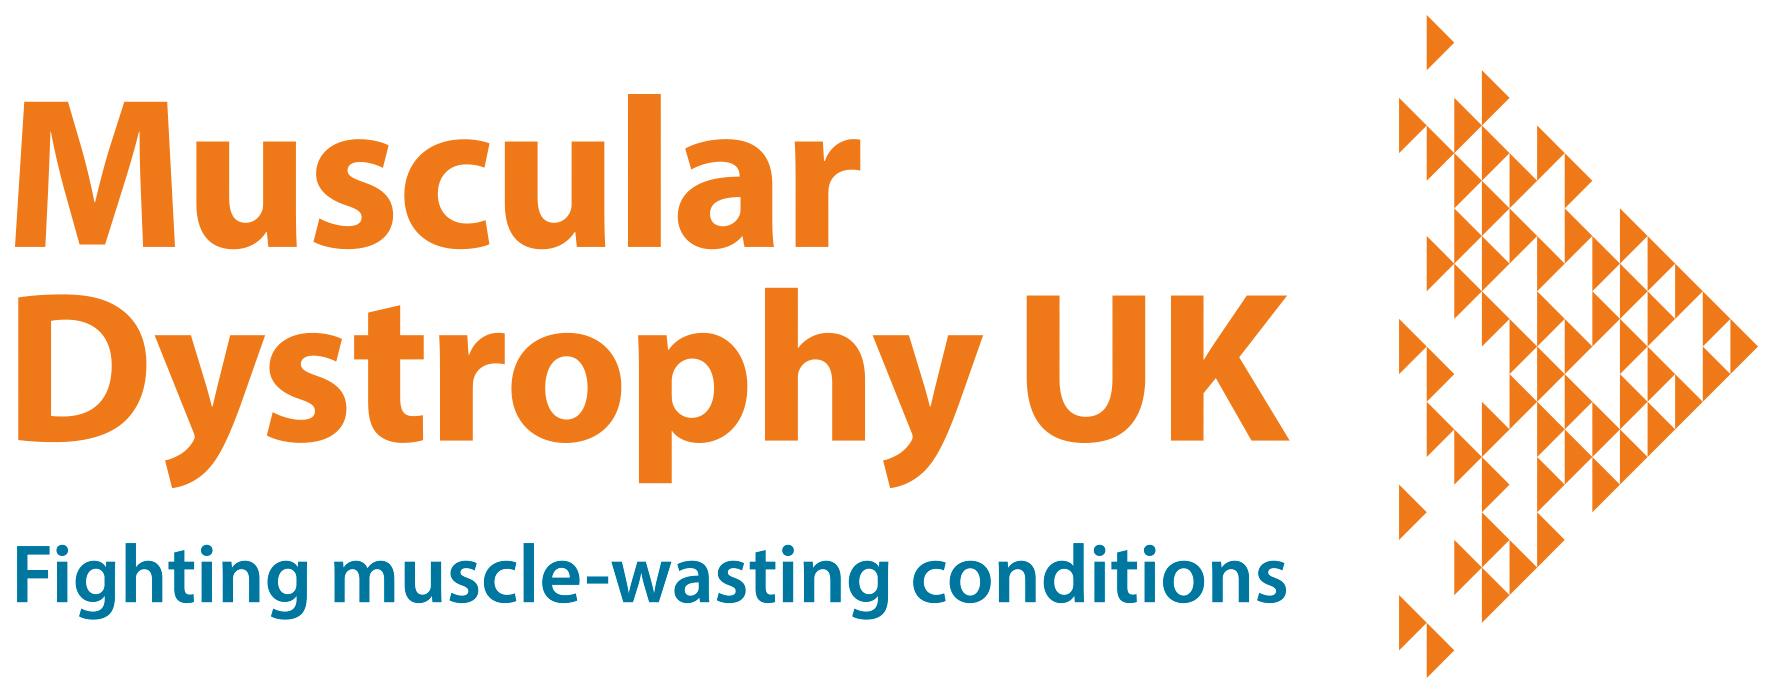 MuscularDystrophy logo.jpg